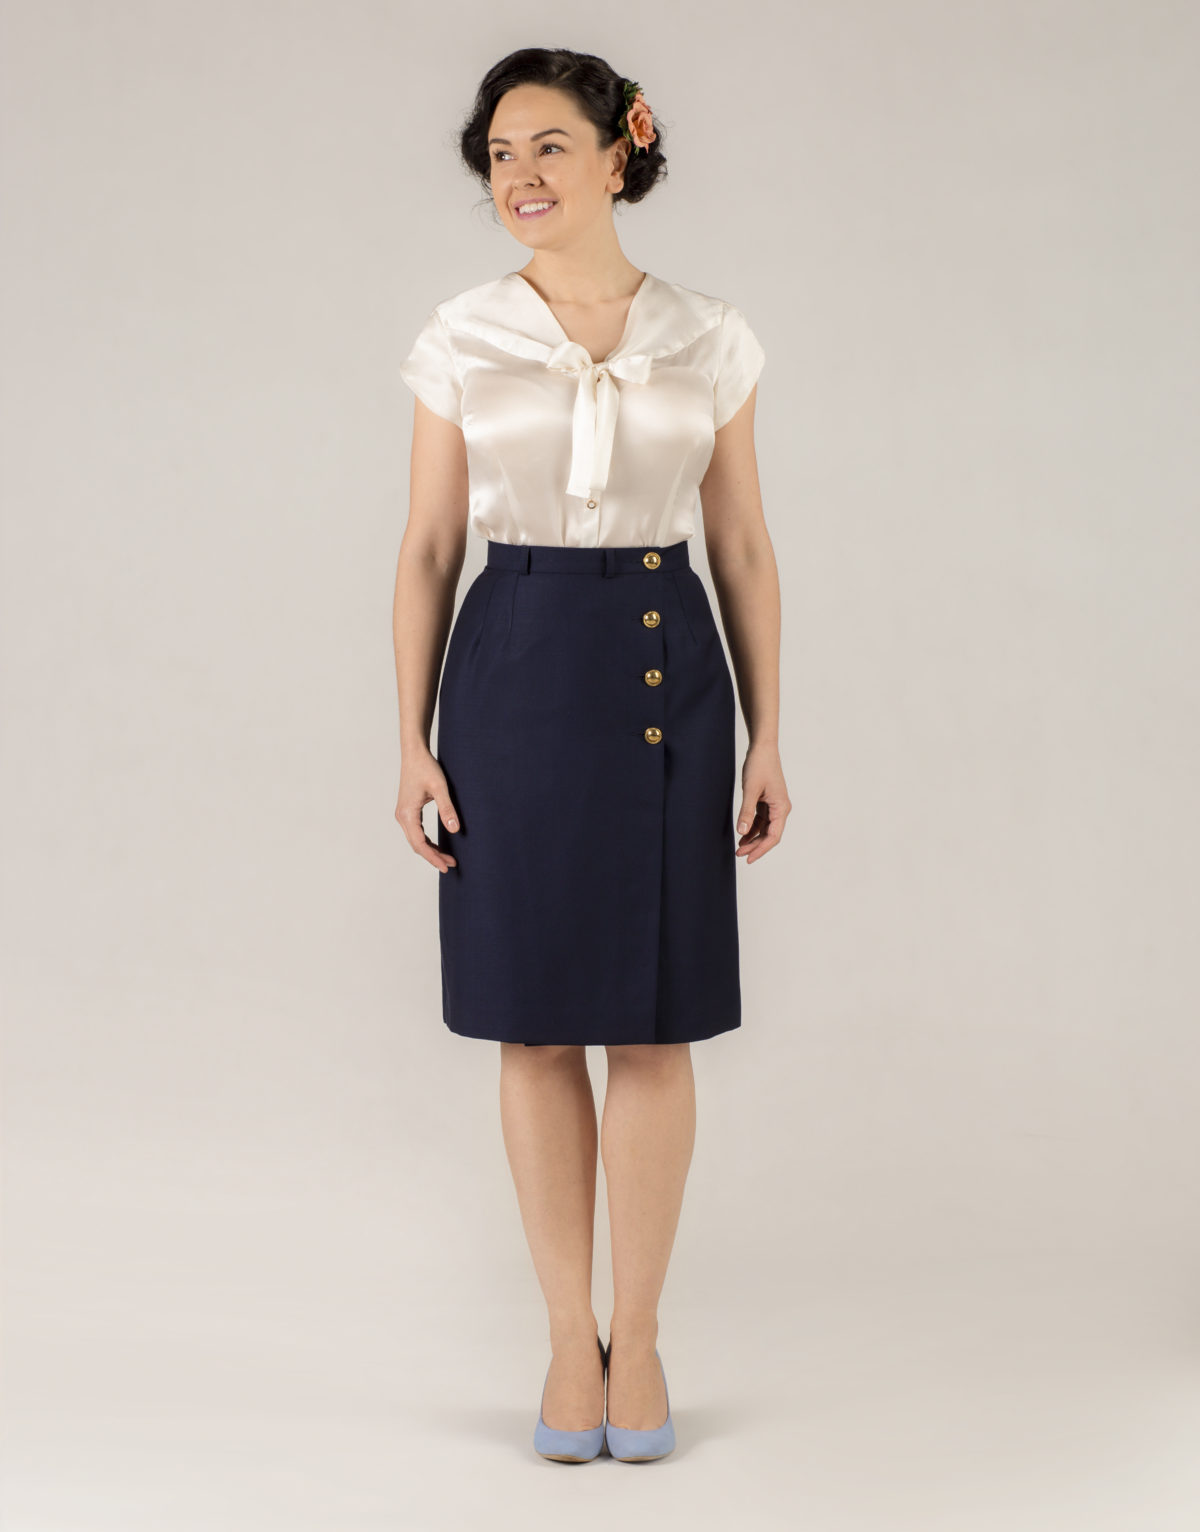 e444e88aee Midnight blue wrap skirt